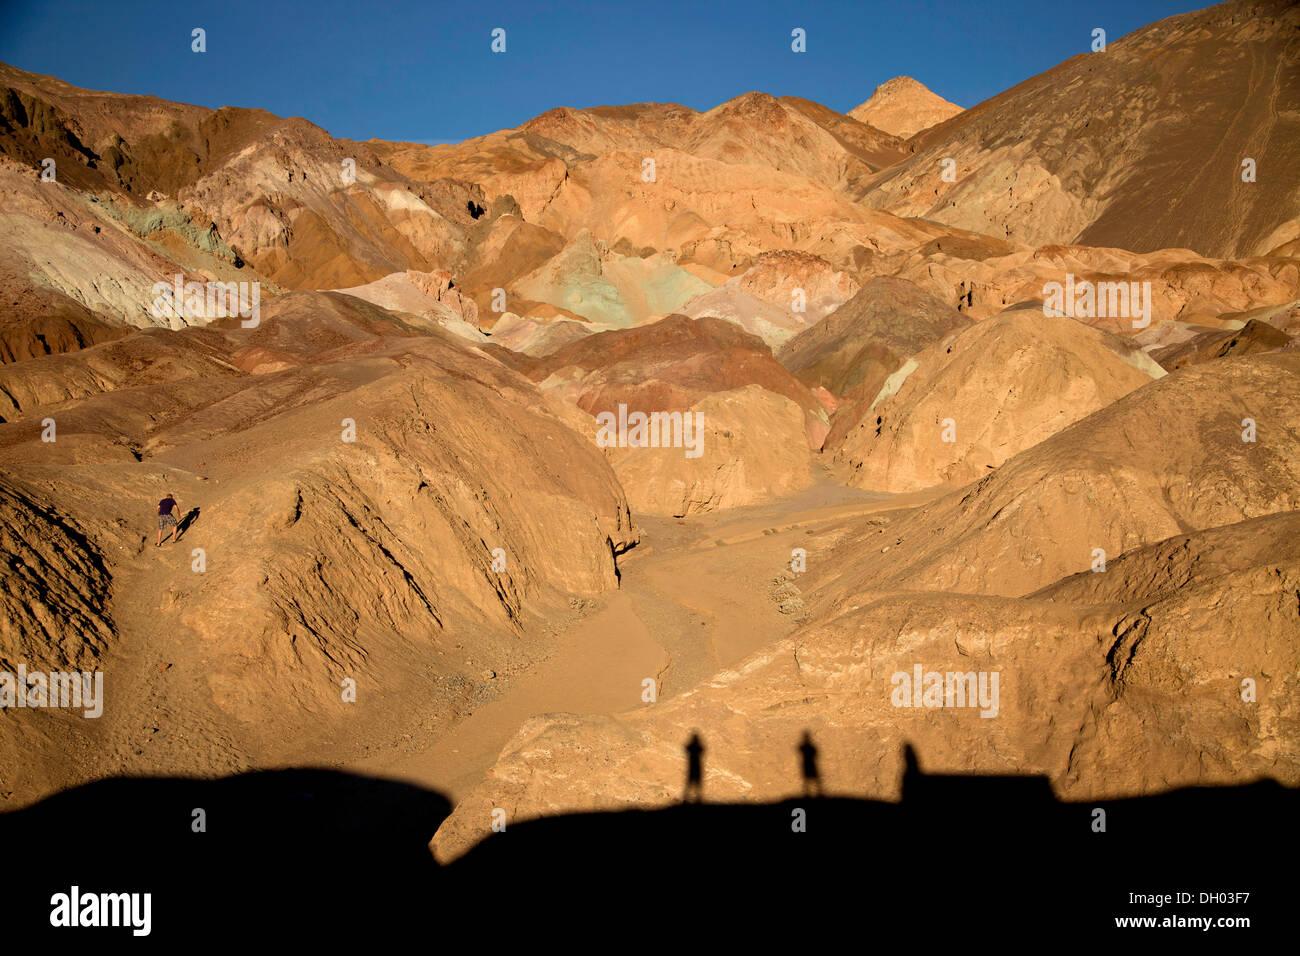 Getönt Felsen des Künstlers und Palette des Künstlers, Death Valley, Death Valley, Death-Valley-Nationalpark, Kalifornien Stockfoto